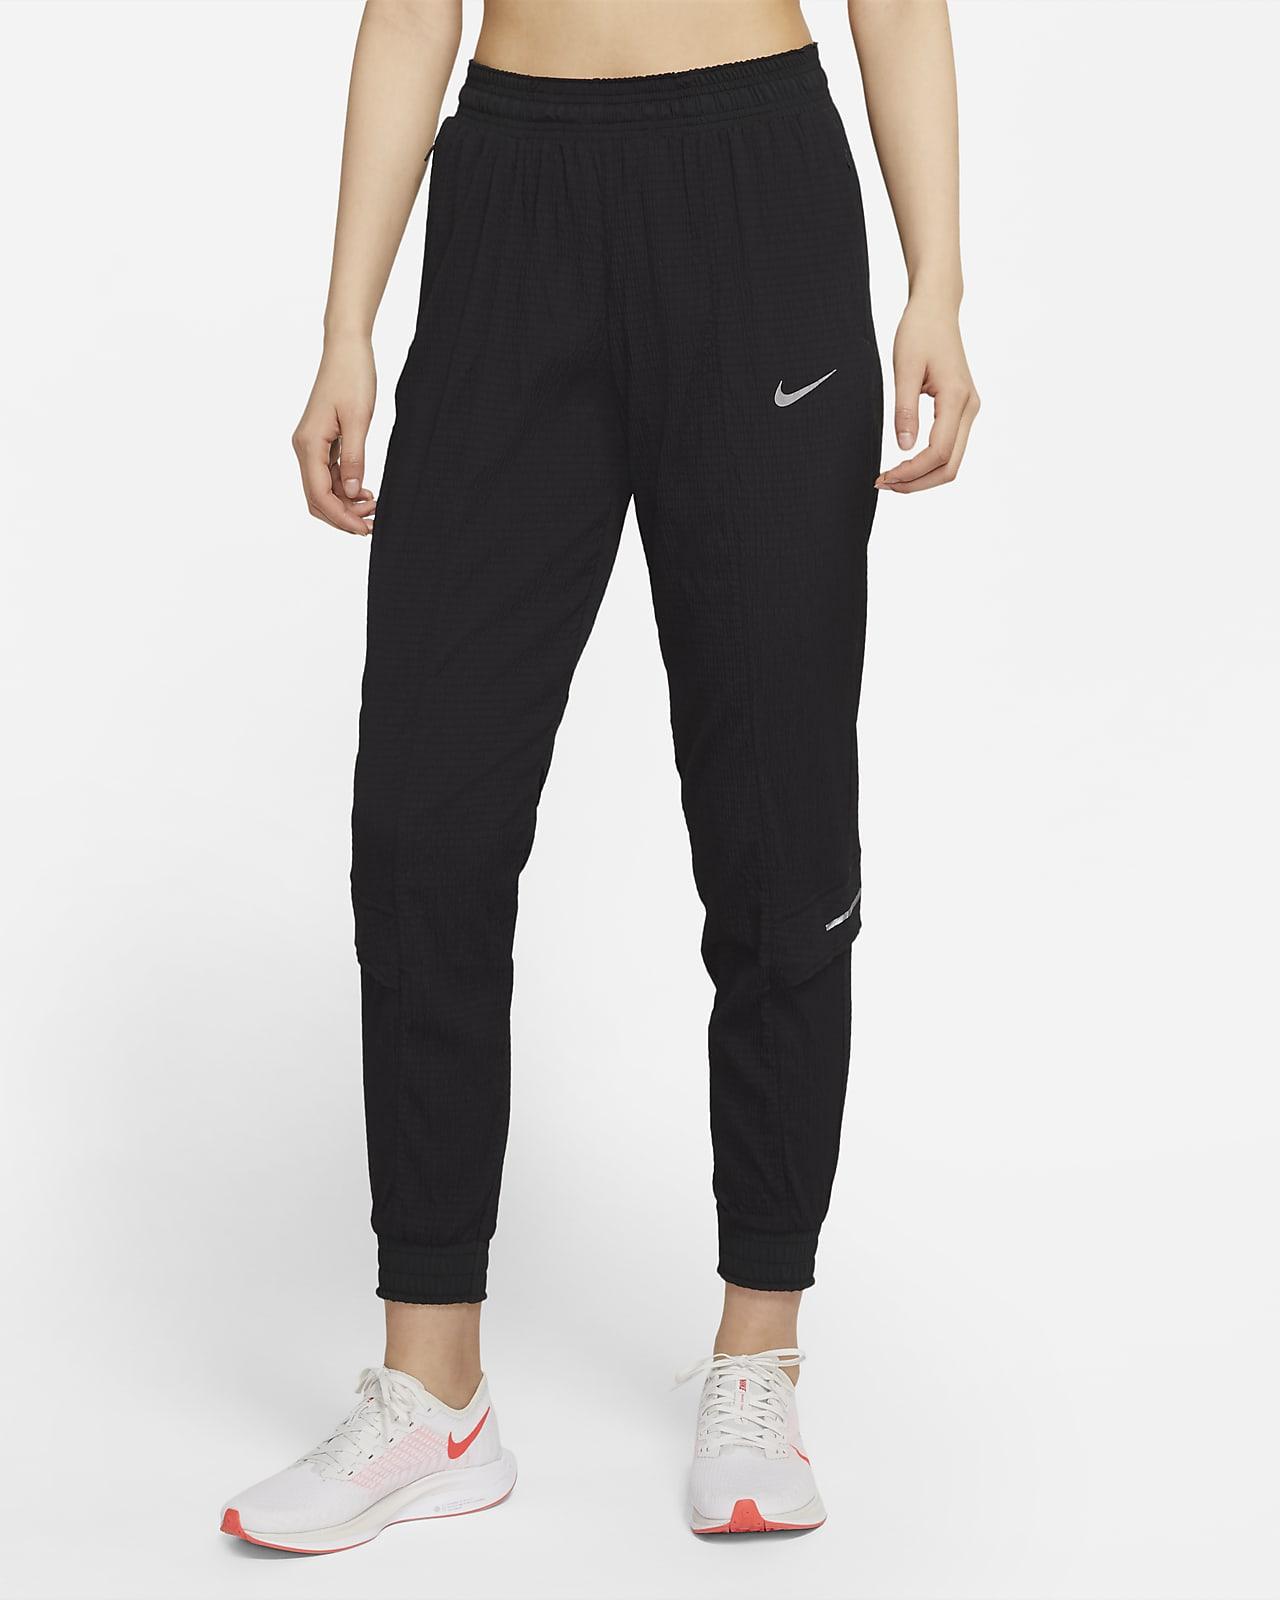 กางเกงวิ่งขายาวผู้หญิงพับเก็บได้ Nike Run Division Swift